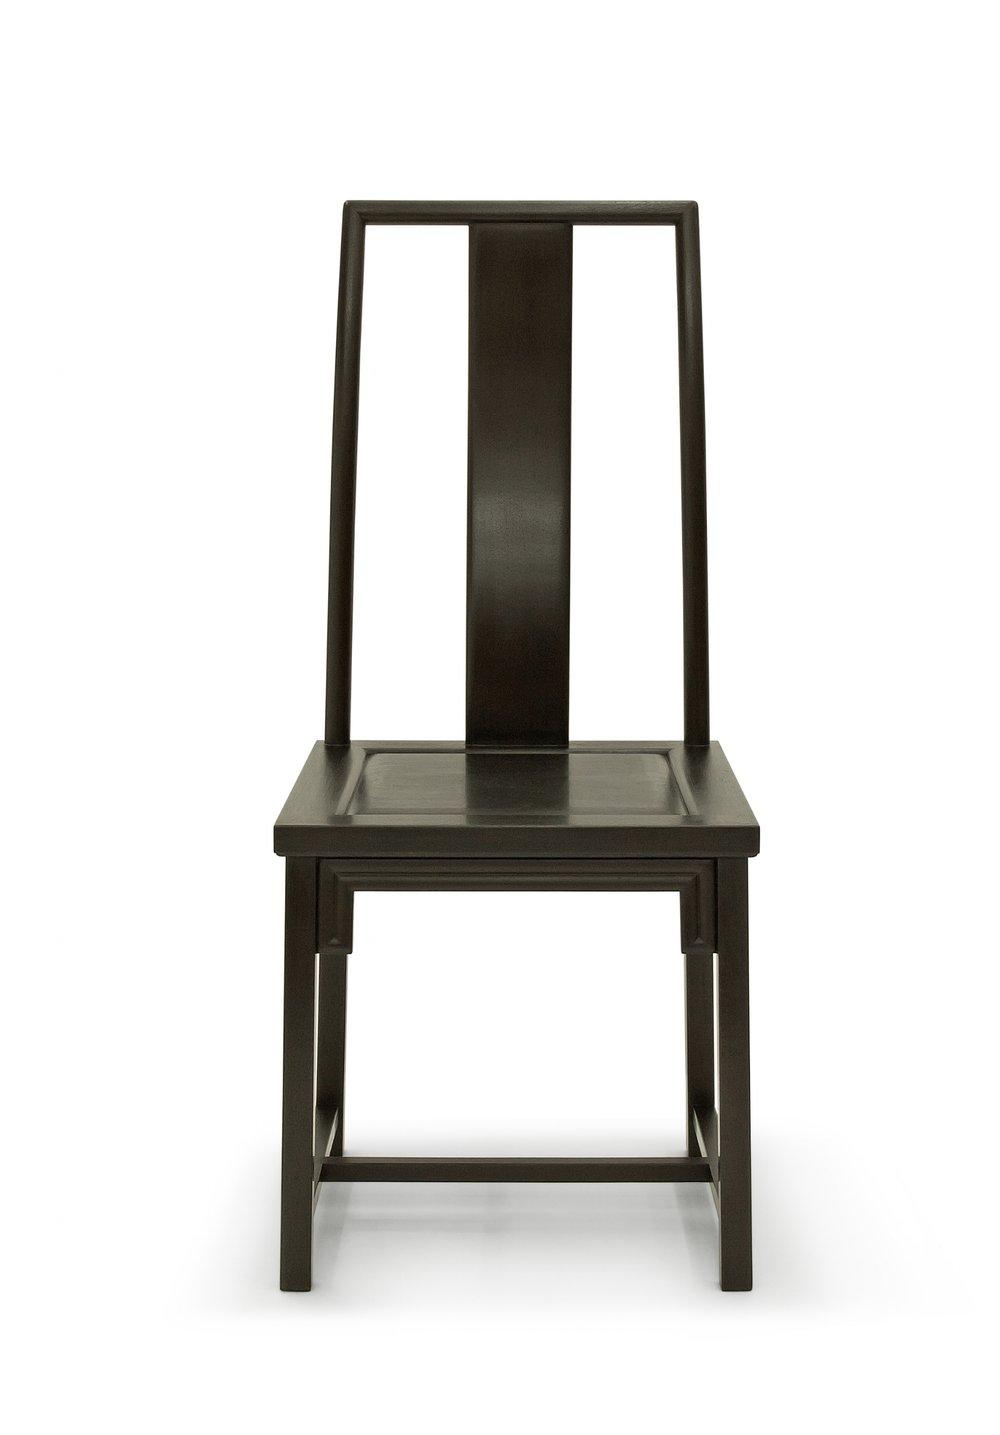 ....Bespoke Modern Chinese furniture : Side chair..特别定制现代中式家具: 靠背椅....